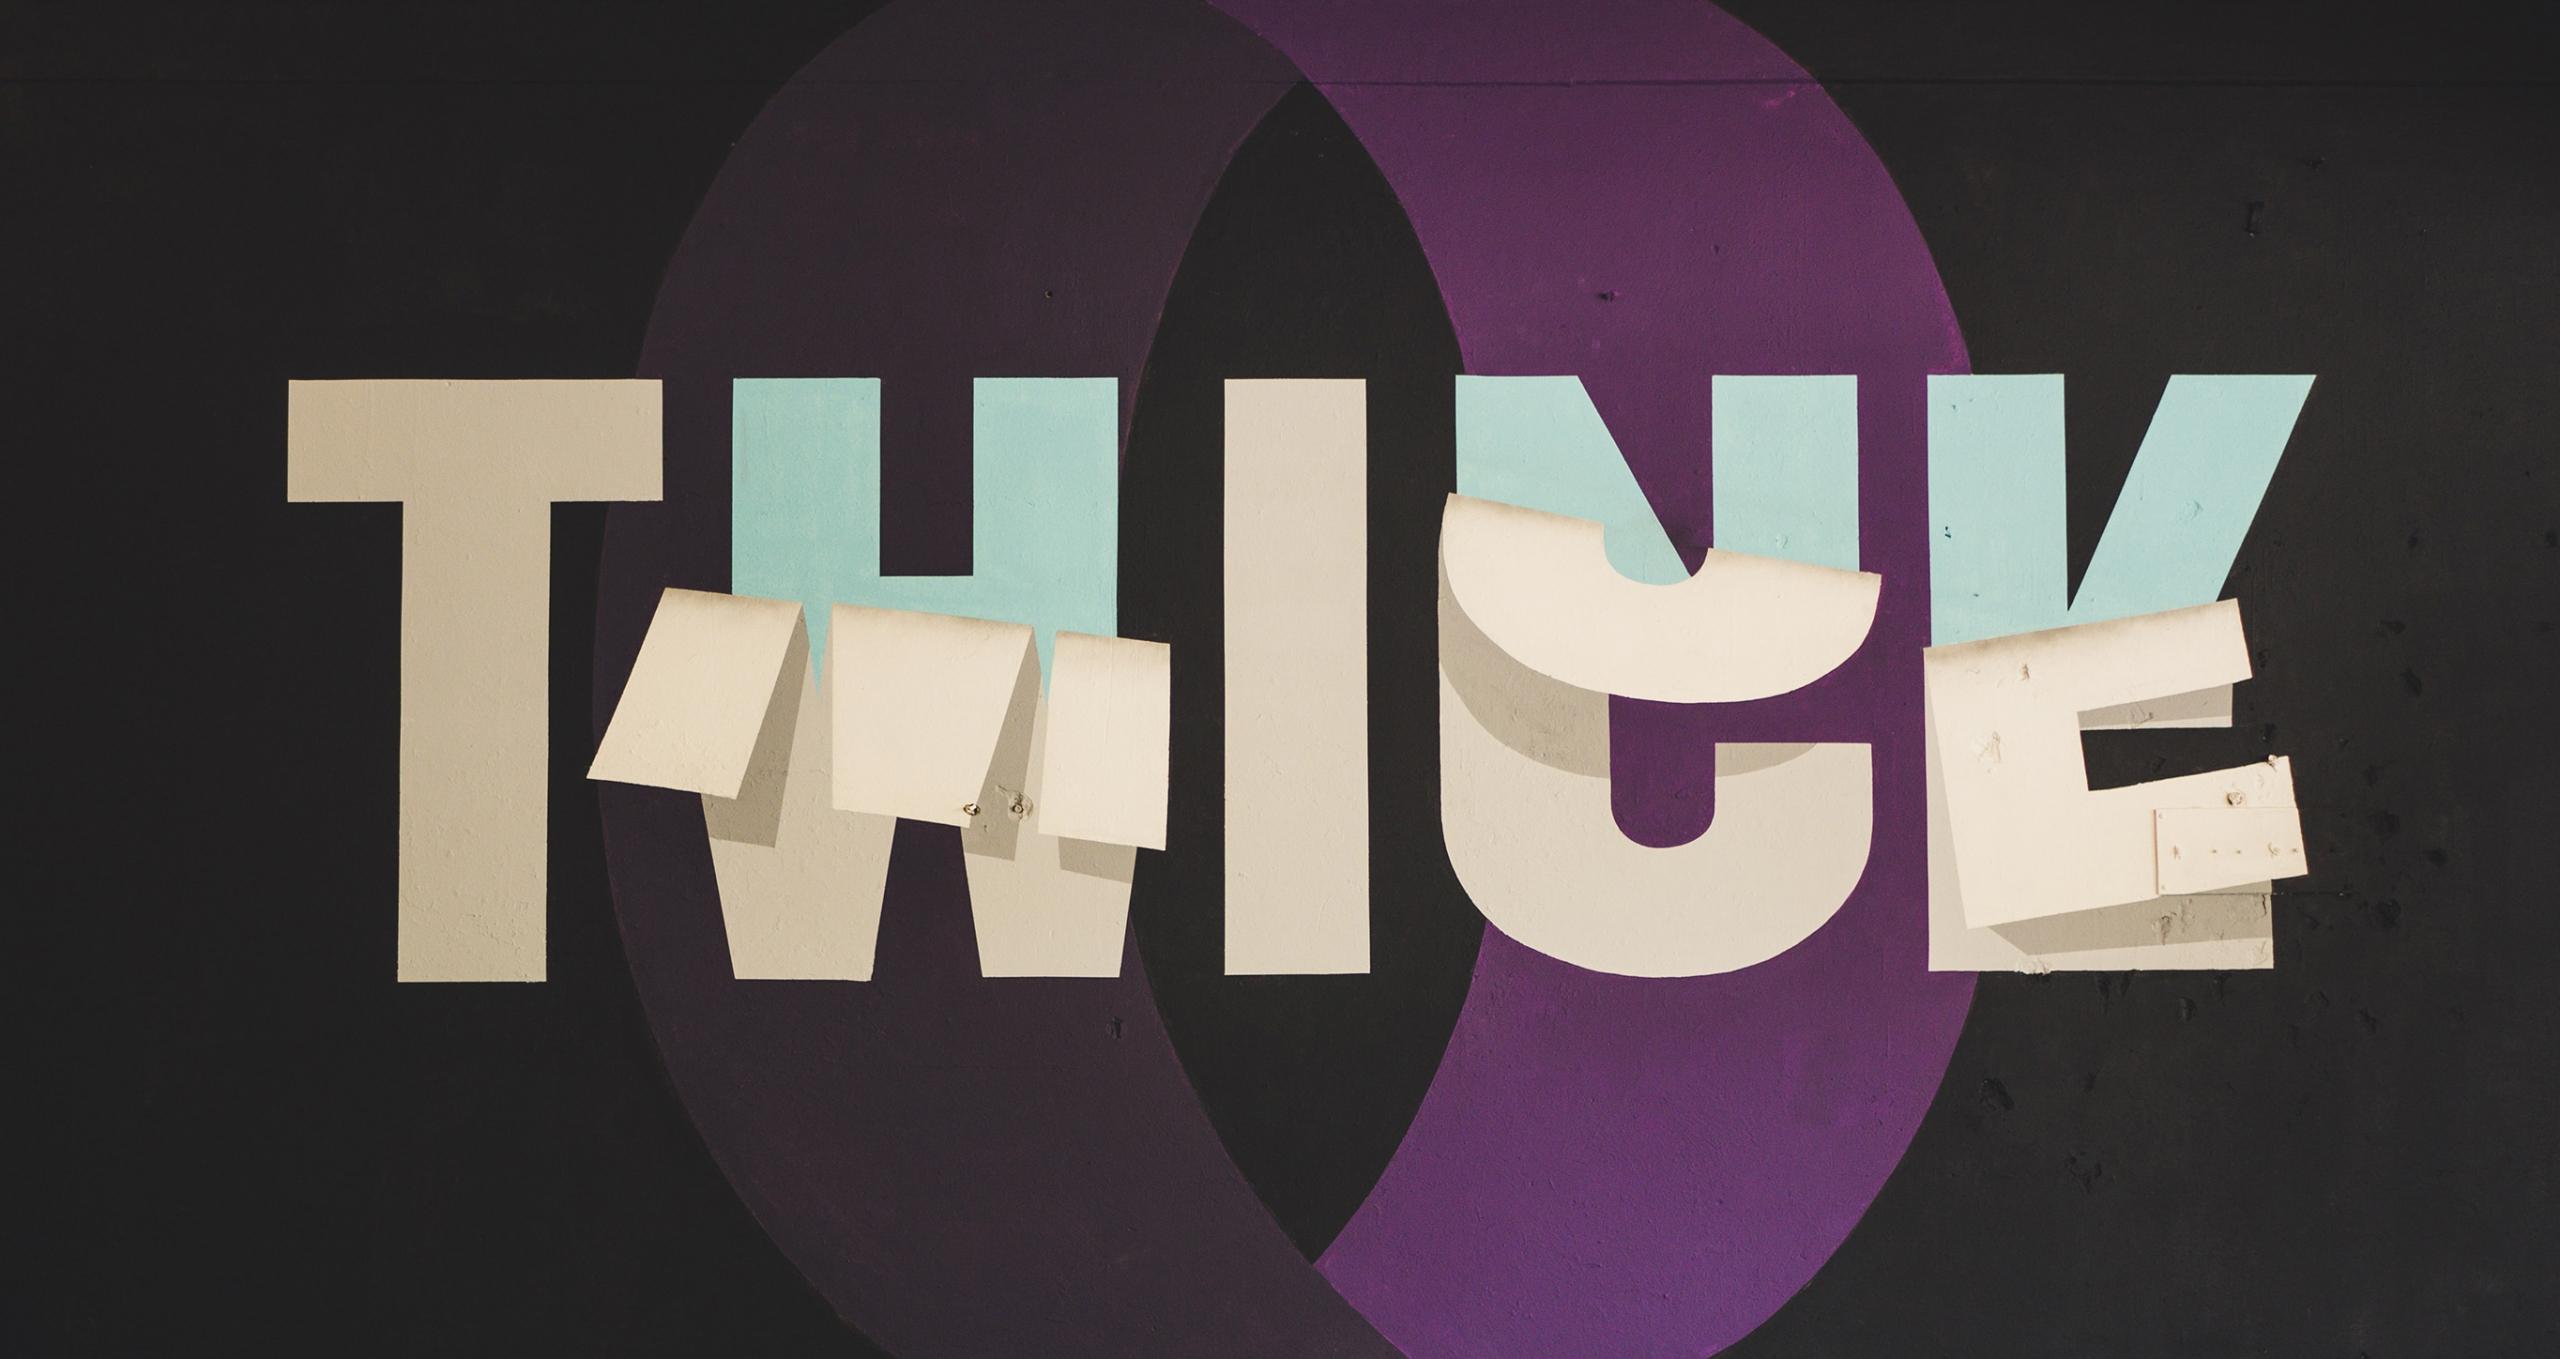 Brand identity - think twice